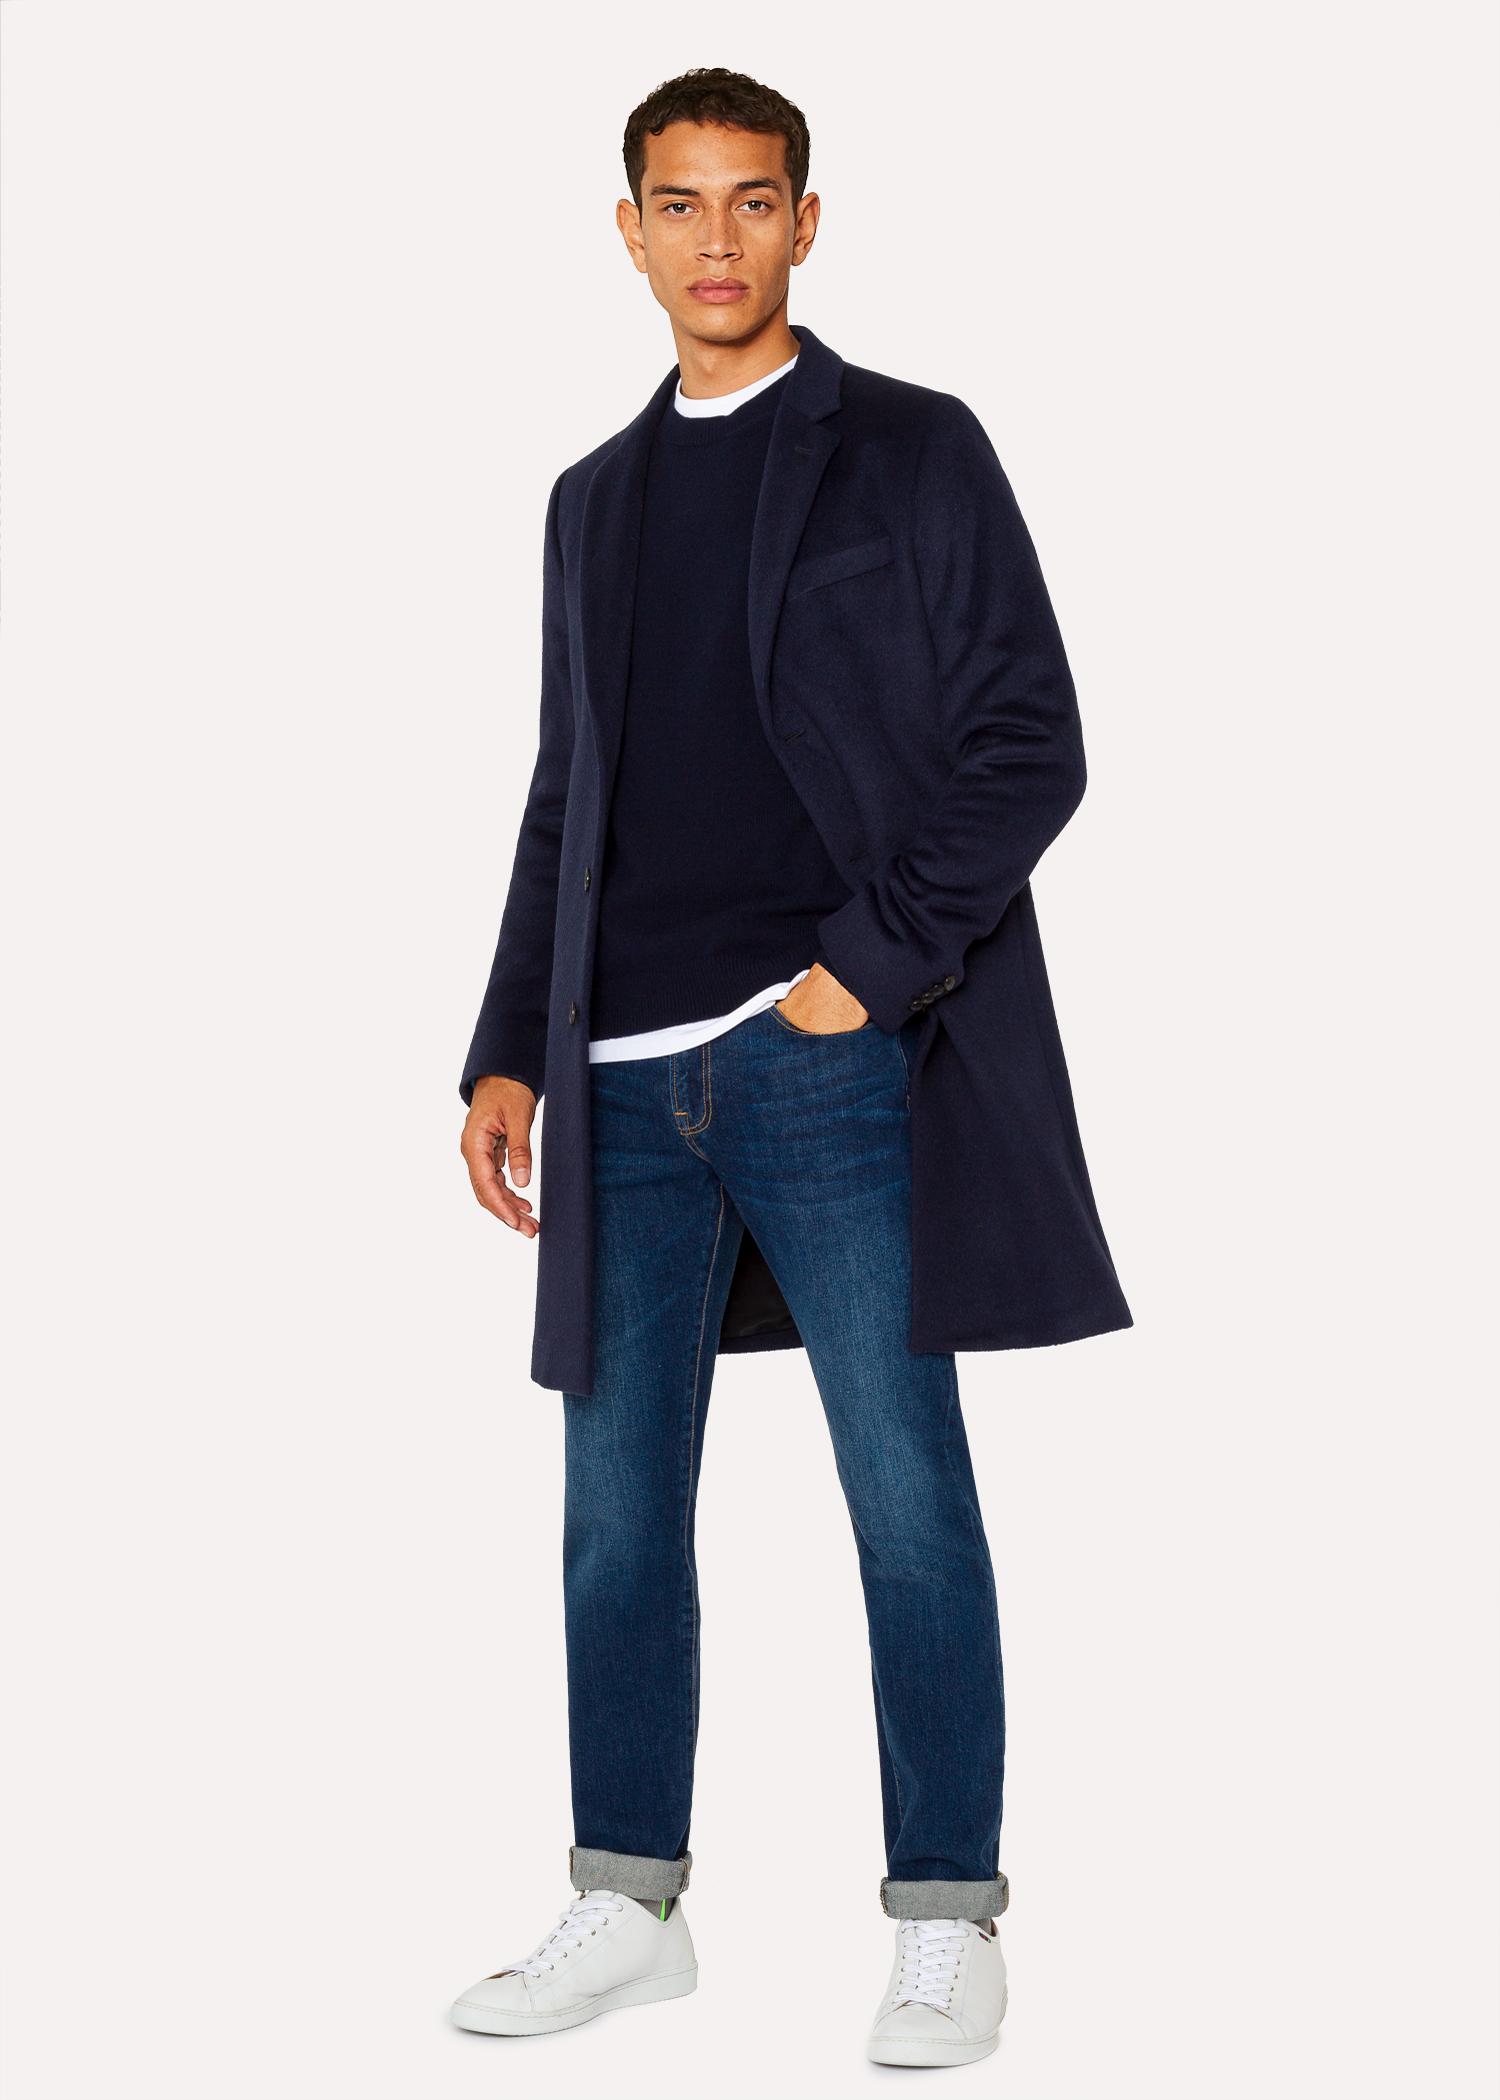 manteau homme bleu marine fonc en alpaga et laine paul. Black Bedroom Furniture Sets. Home Design Ideas